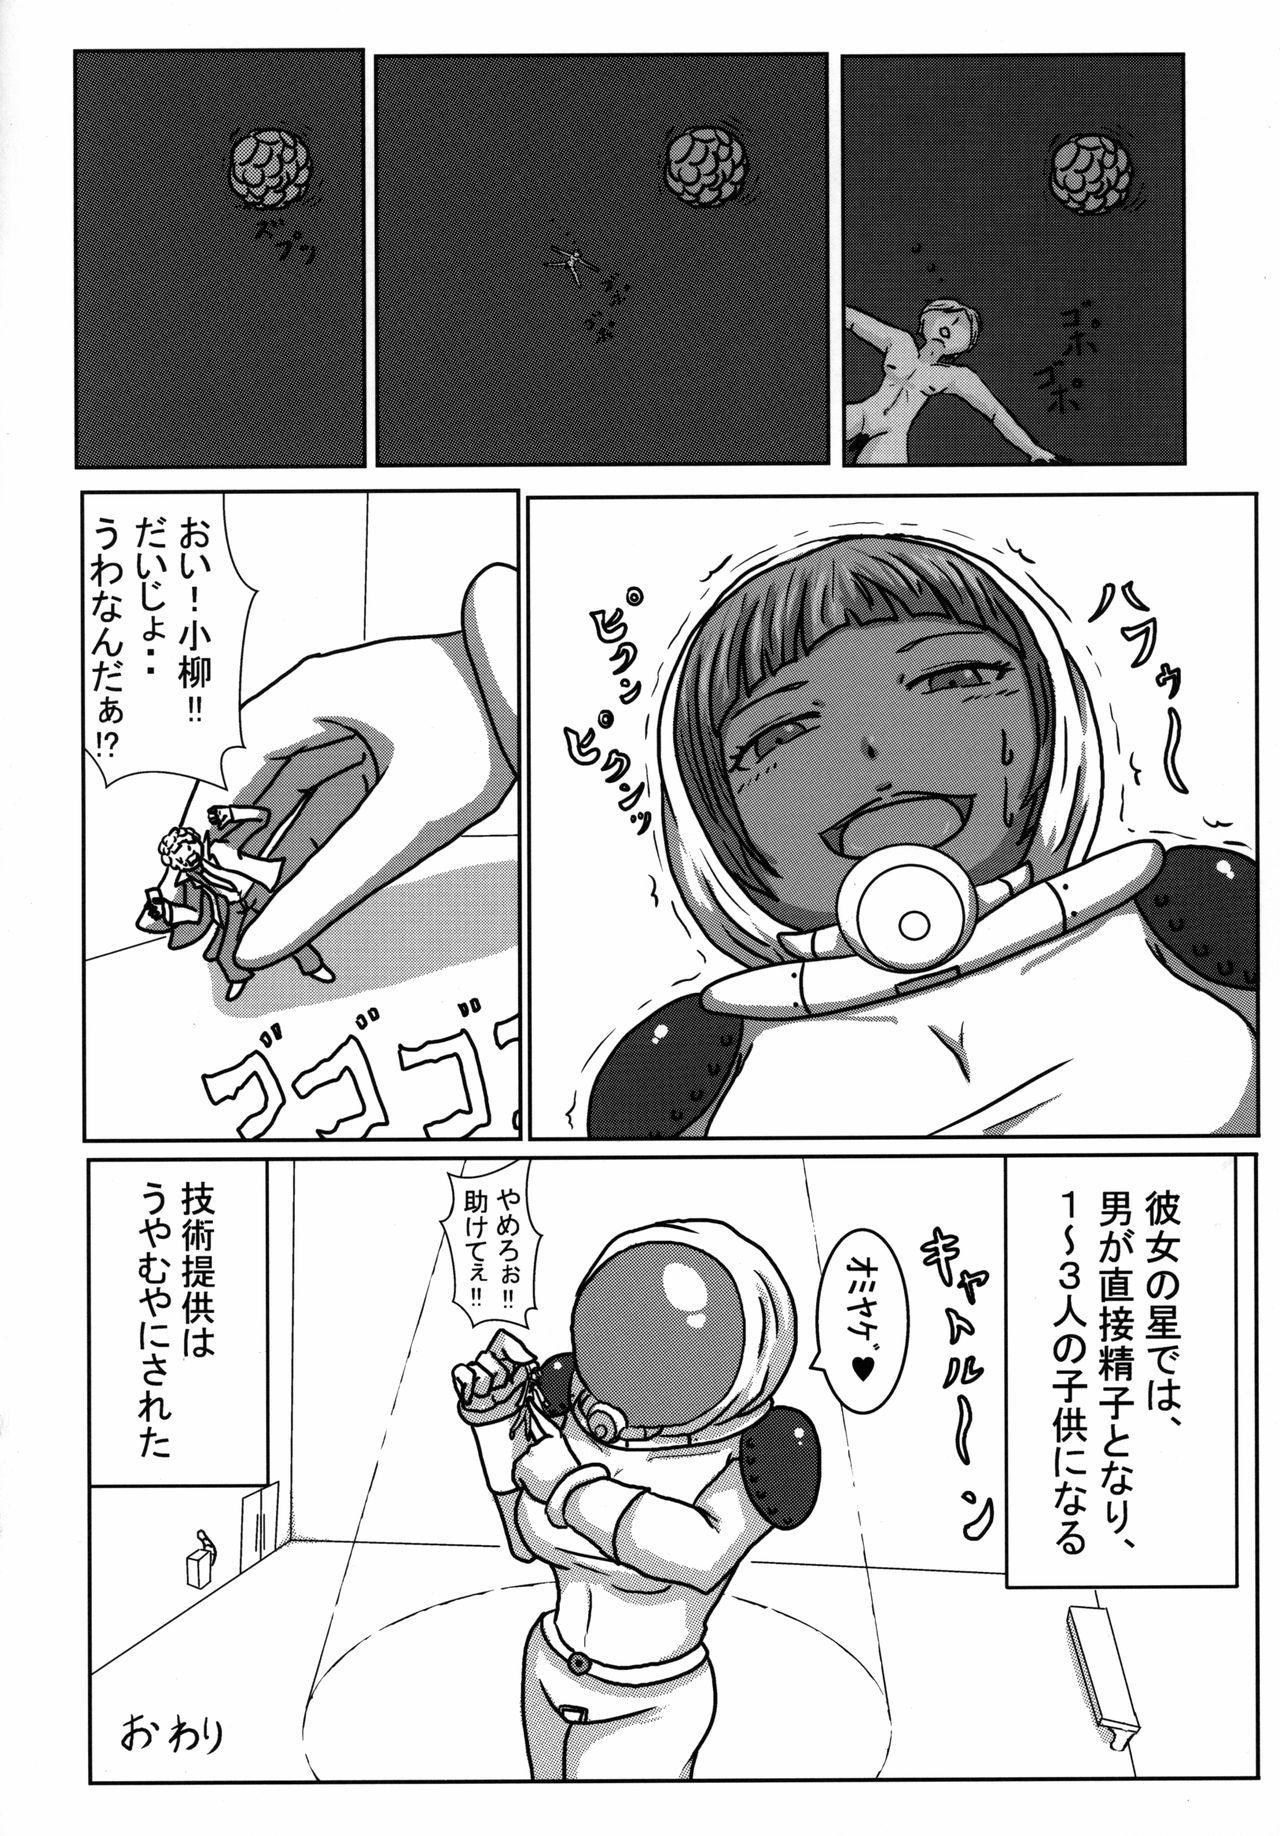 Uchuujin x Kyojo / Size-sa Goudoushi Reiwagou 120